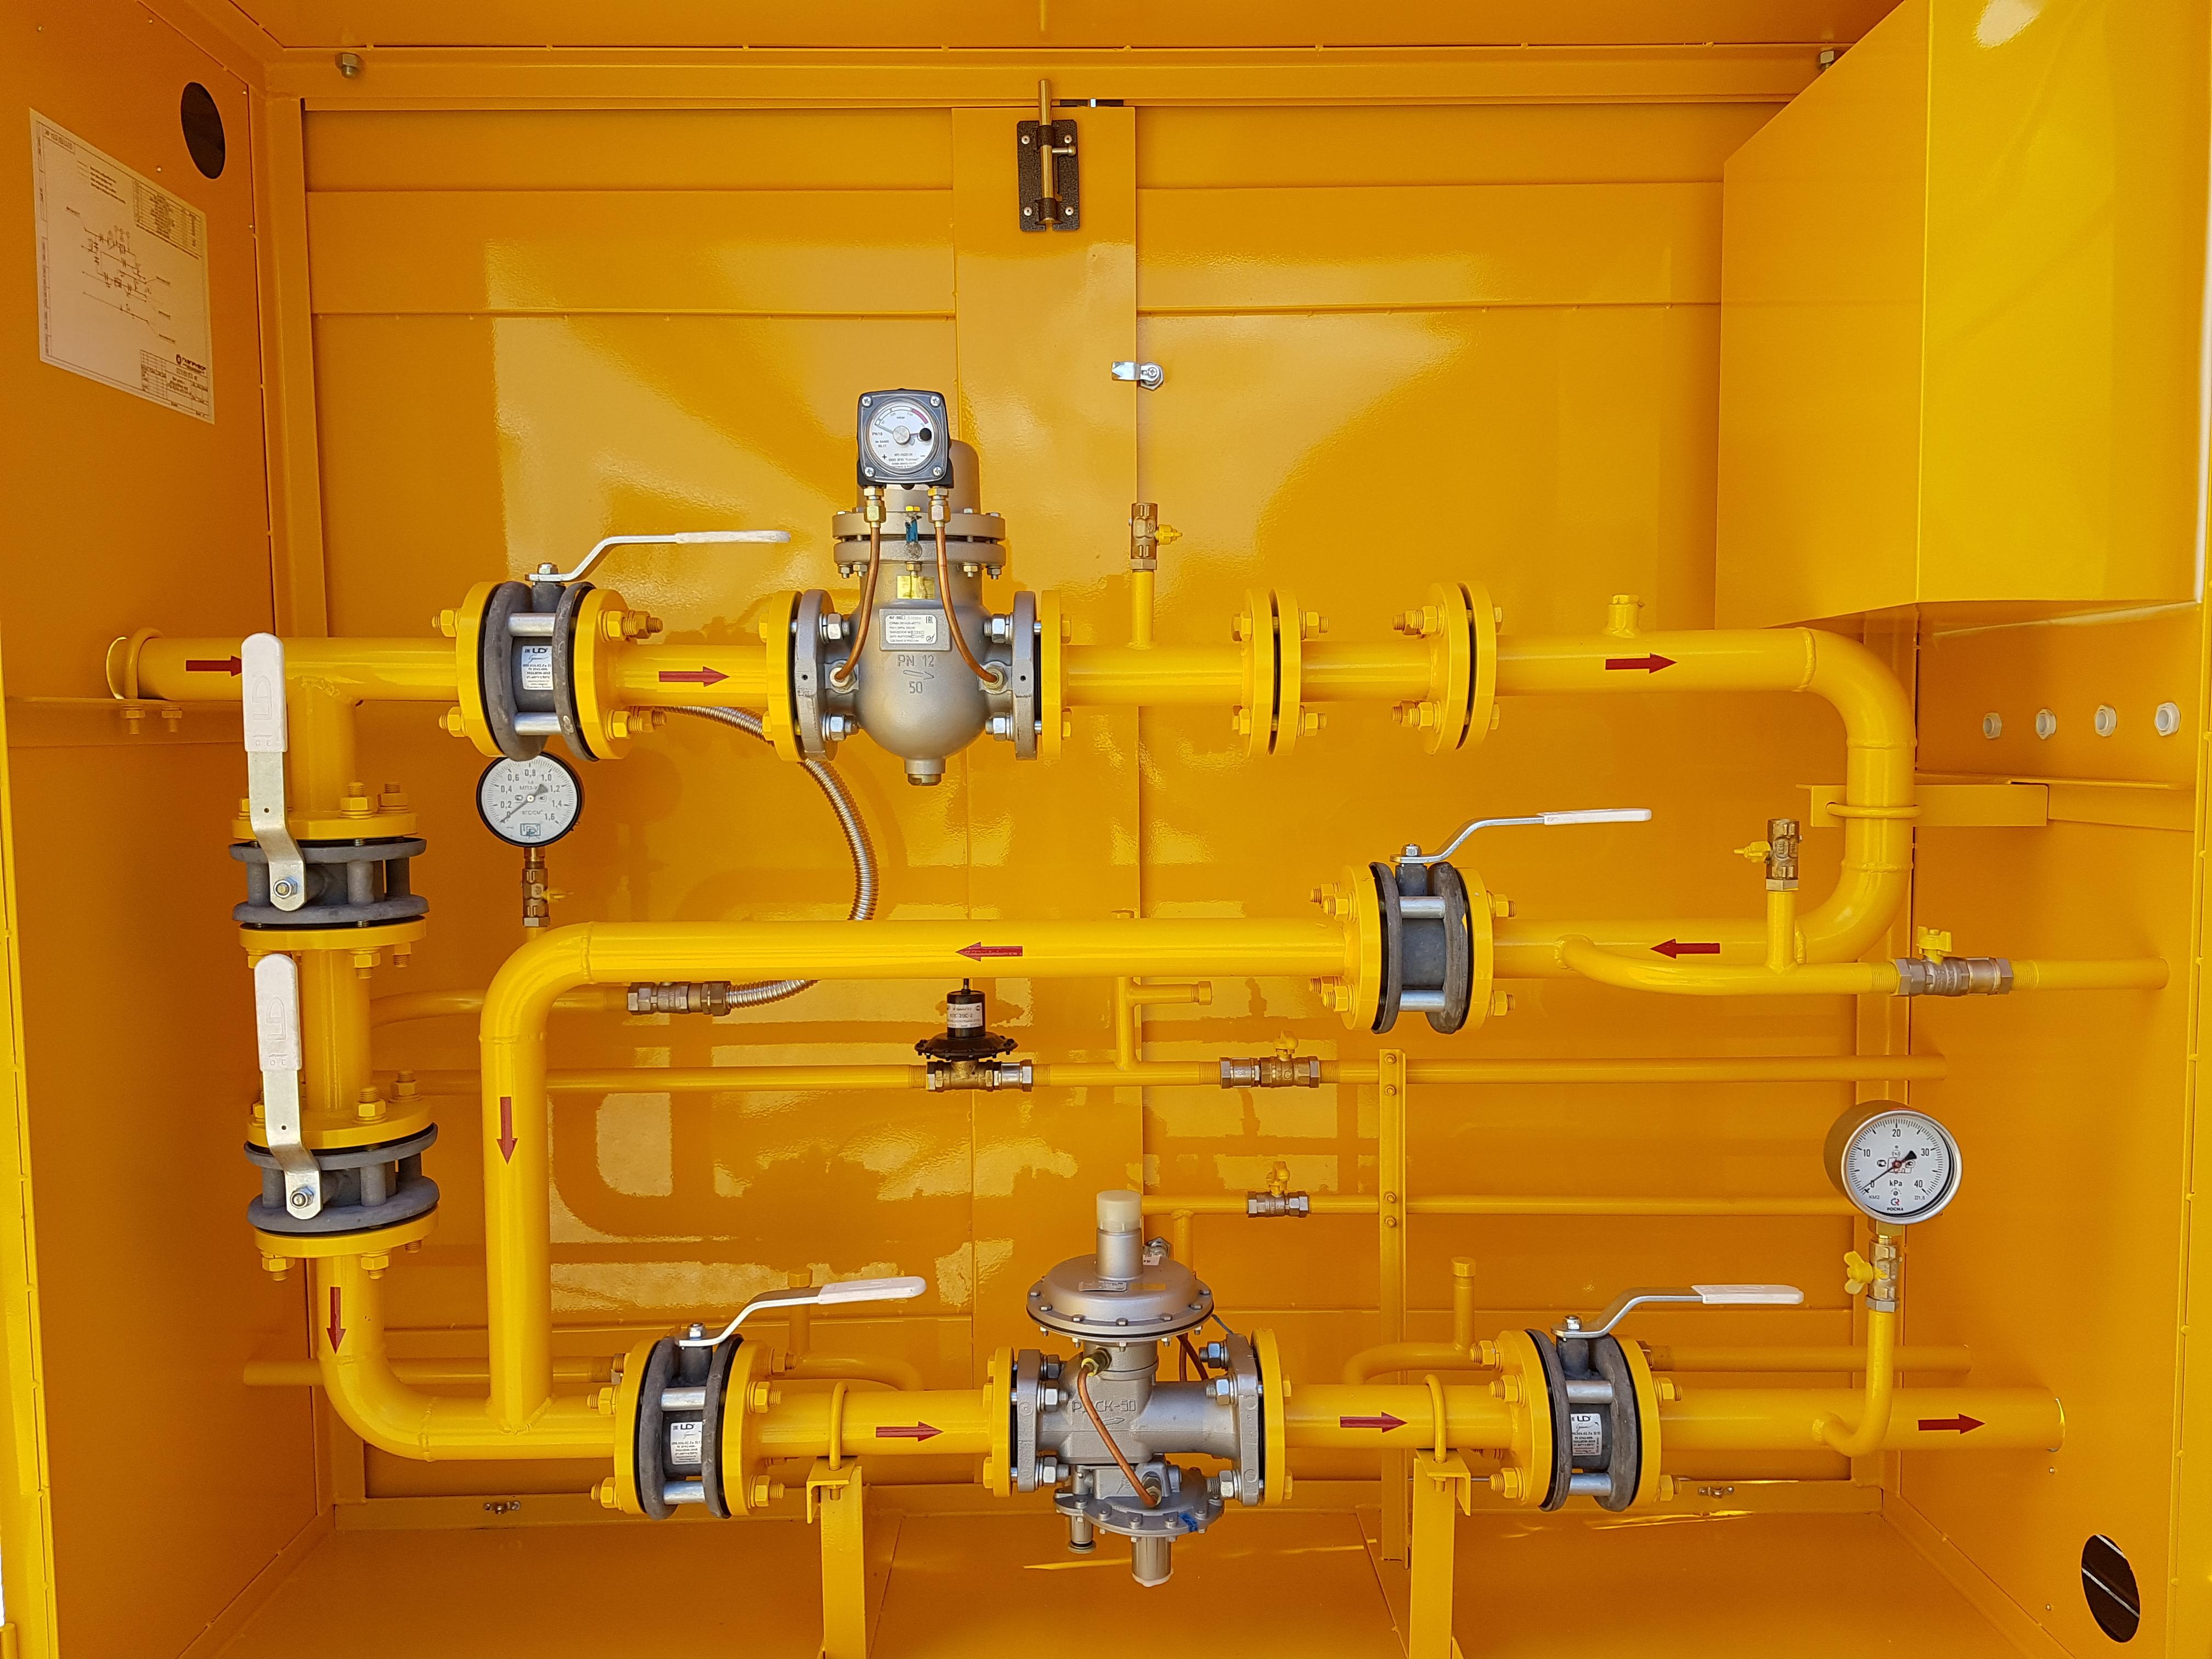 УГРШ-50В-2М - газорегуляторный пункт с регулятором-монитором